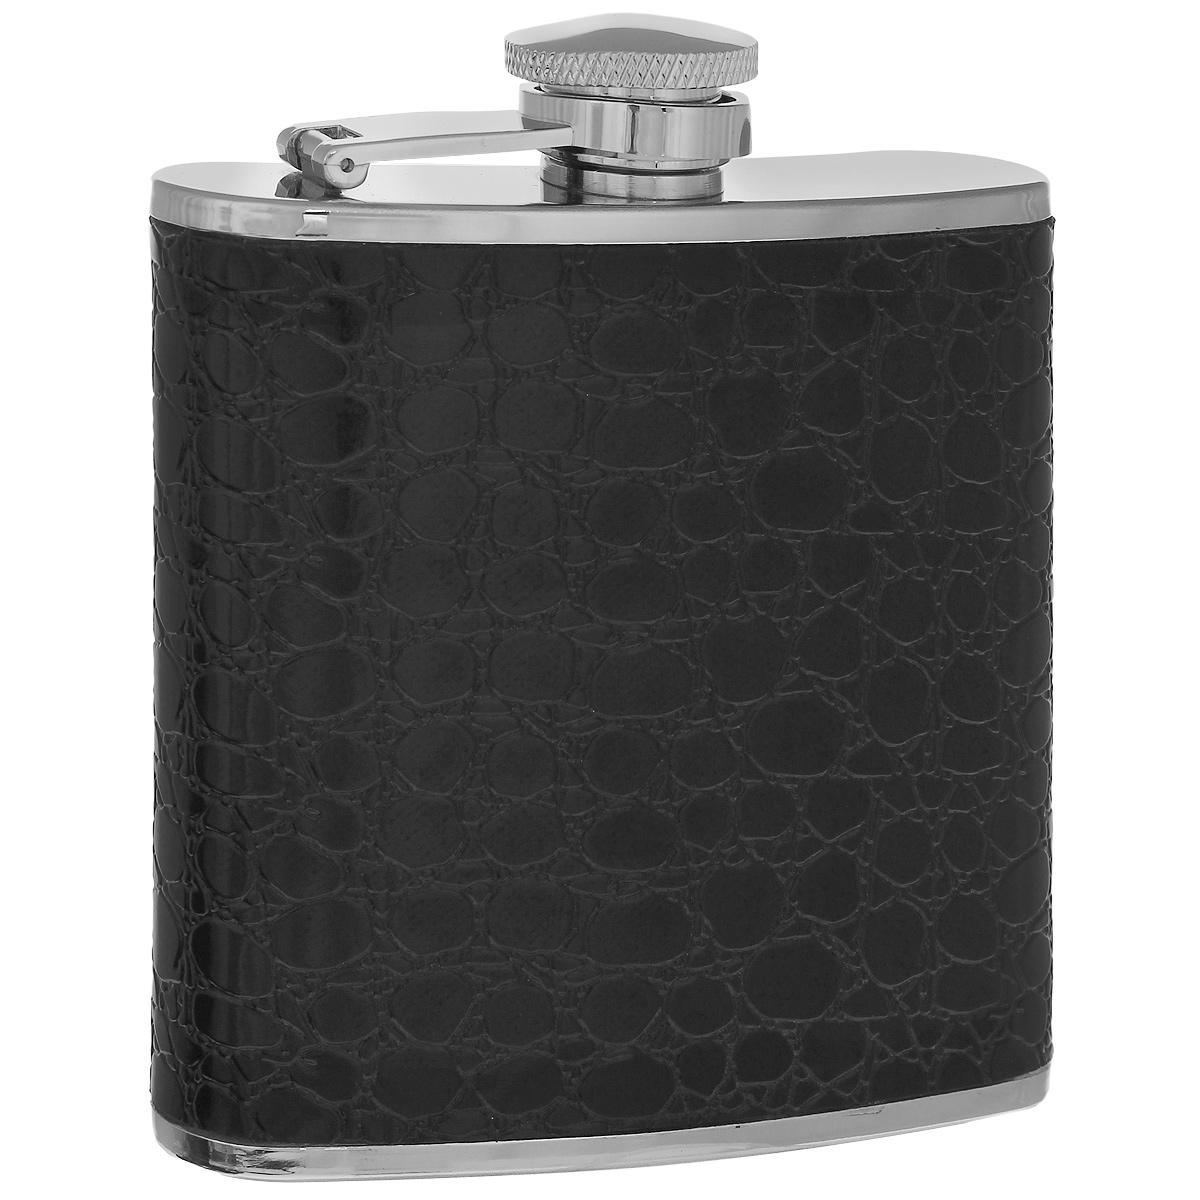 Фляга S.Quire Черный крокодил, 150 млTB05-2279PUФляга S.Quire изготовлена из нержавеющей стали 18/10 и оформлена вставкой из искусственной кожи черного цвета с декоративным тиснением под крокодила. Фляга специально предназначена для хранения алкогольных напитков. Ее нельзя использовать для напитков, содержащих кислоту, таких как сок и сердечные лекарства. Крышка плотно закрывается, предотвращая проливание. Фляга S.Quire - идеальный подарок для настоящих мужчин. Стильный дизайн, компактность и качество изделия, несомненно, порадуют любого мужчину.